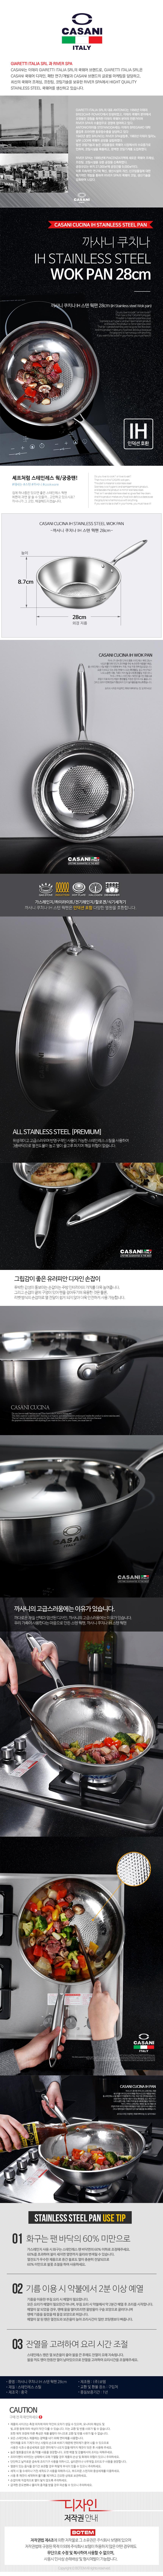 1979491006_casani_cucina_ih_stainless_wokpan28.jpg